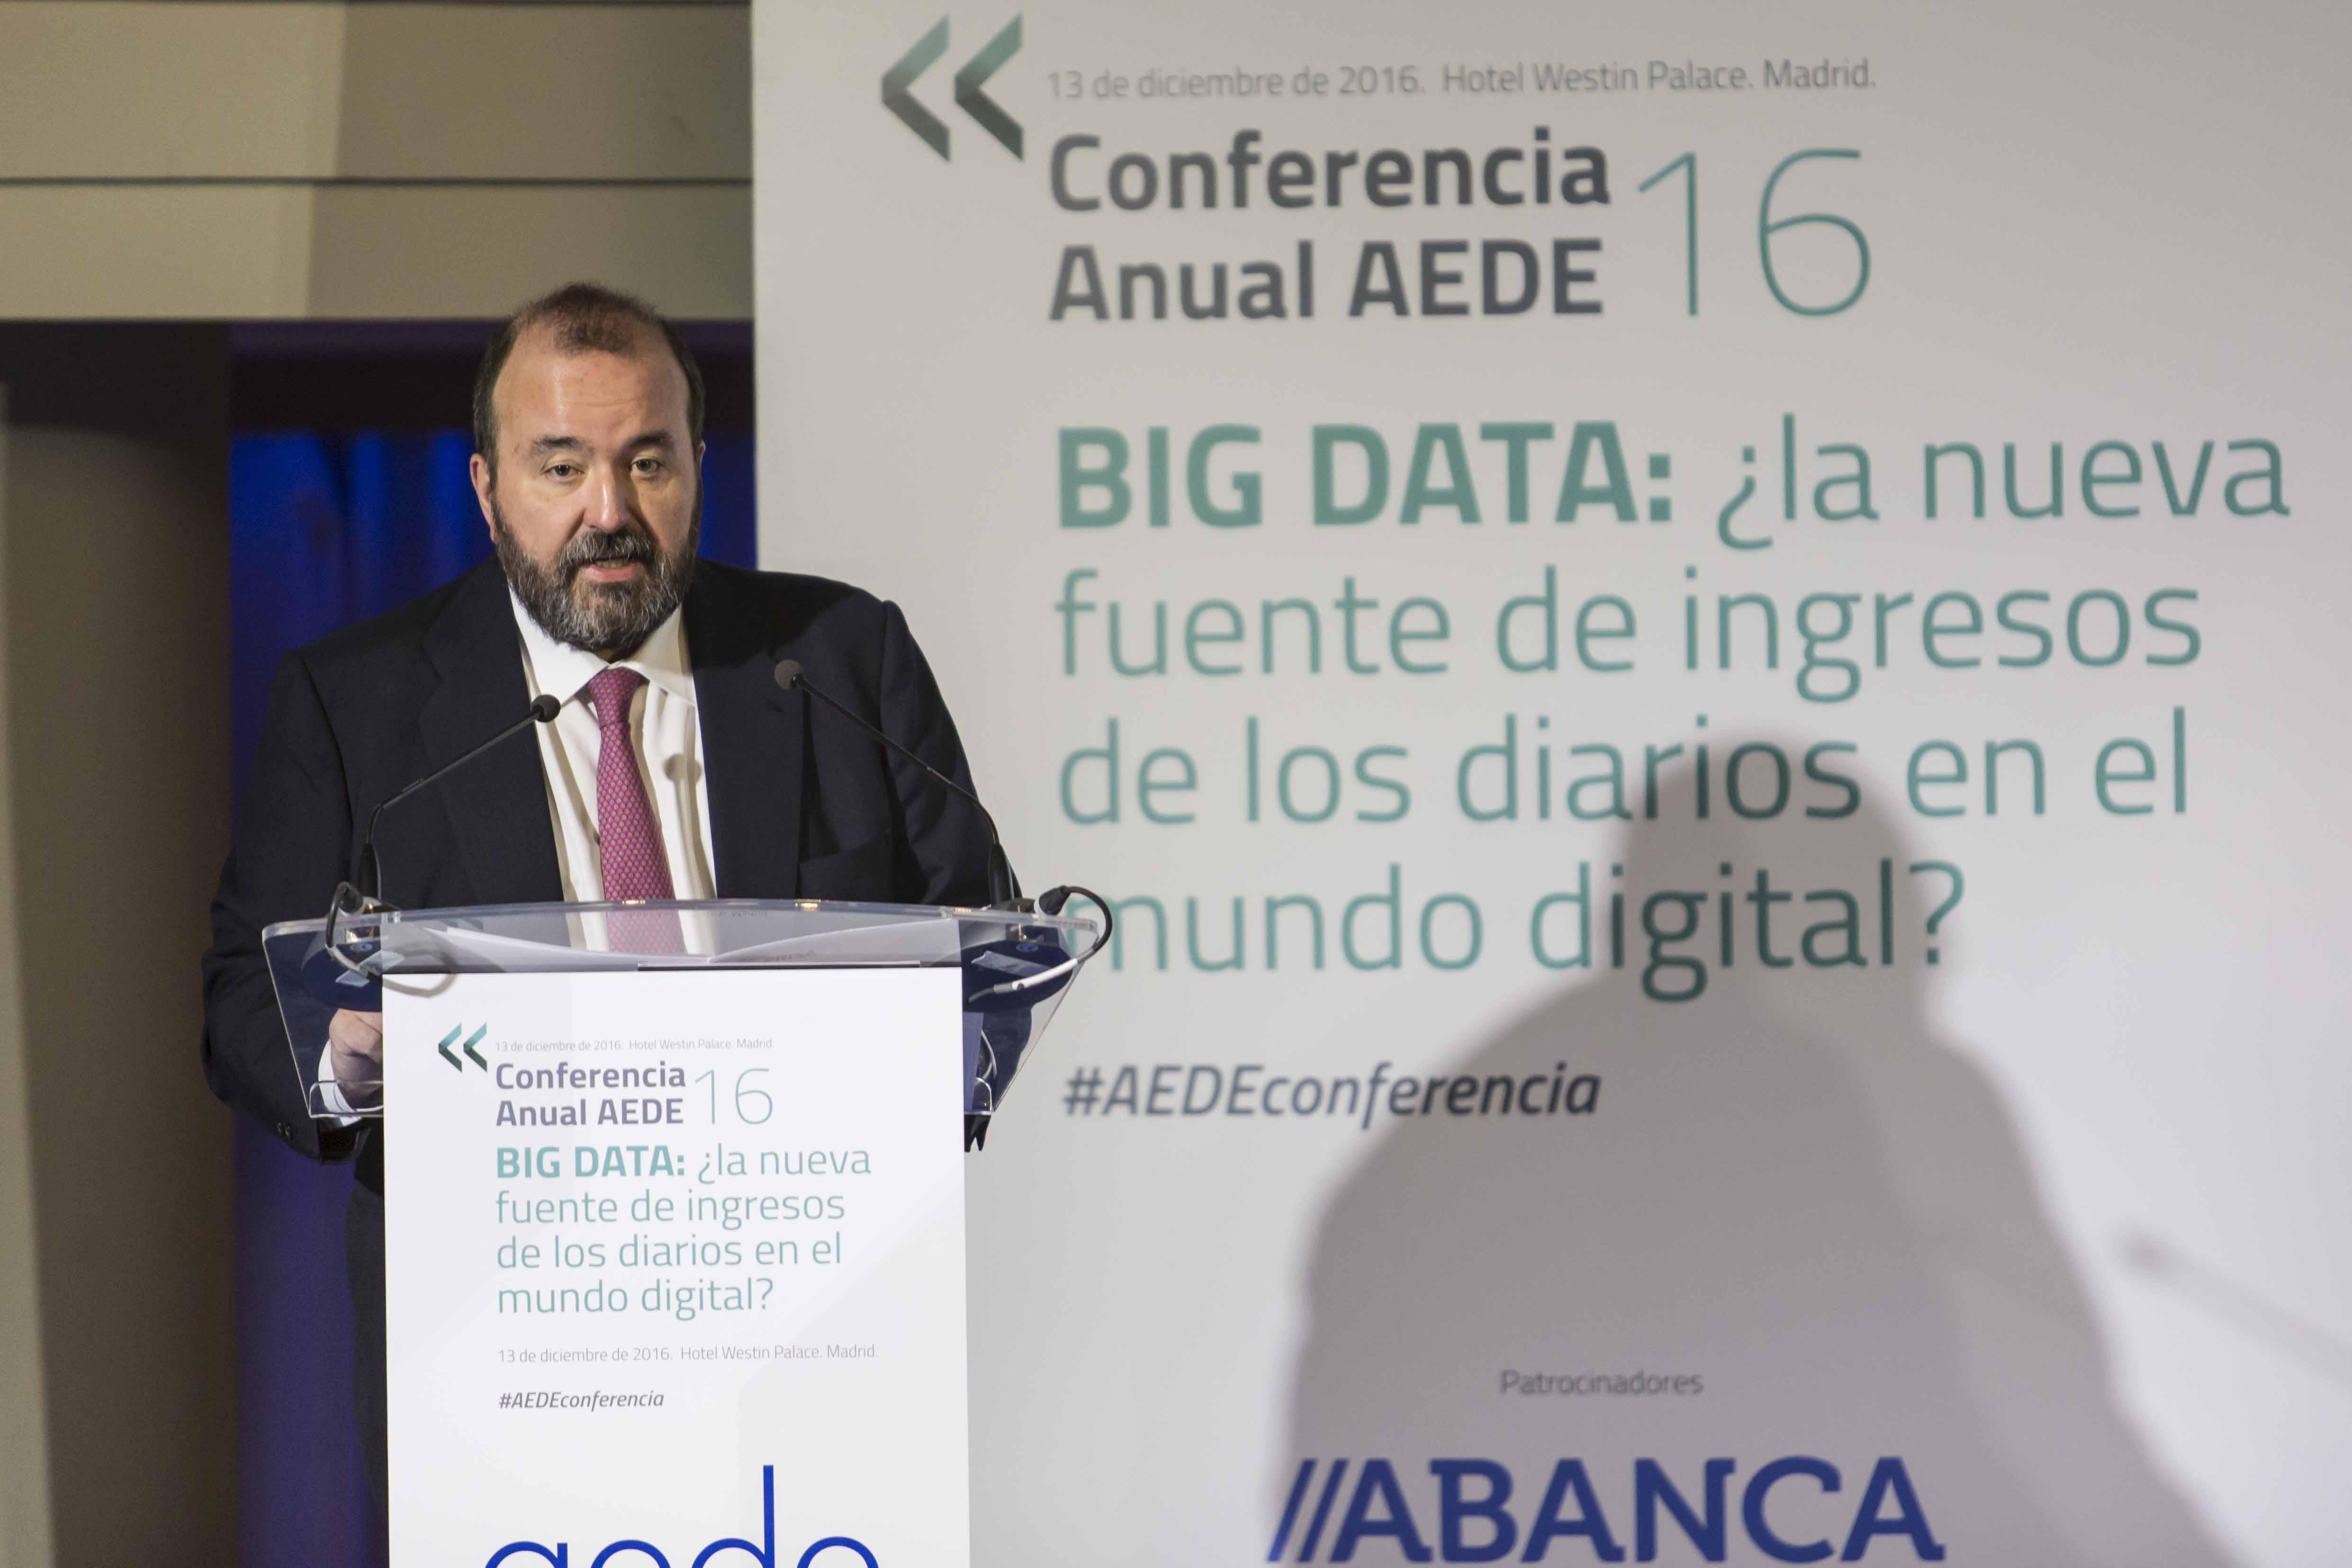 Así han contado los medios la Conferencia Anual AEDE 2016